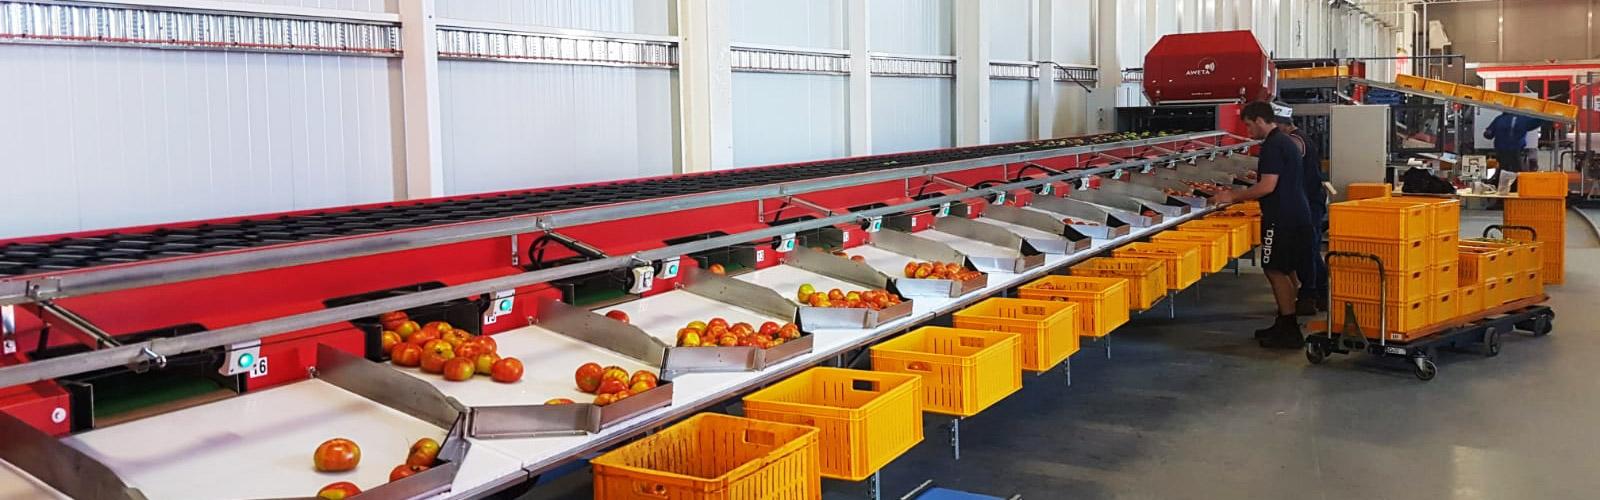 Tomaten sorteerlijn Australië | Steenks Service